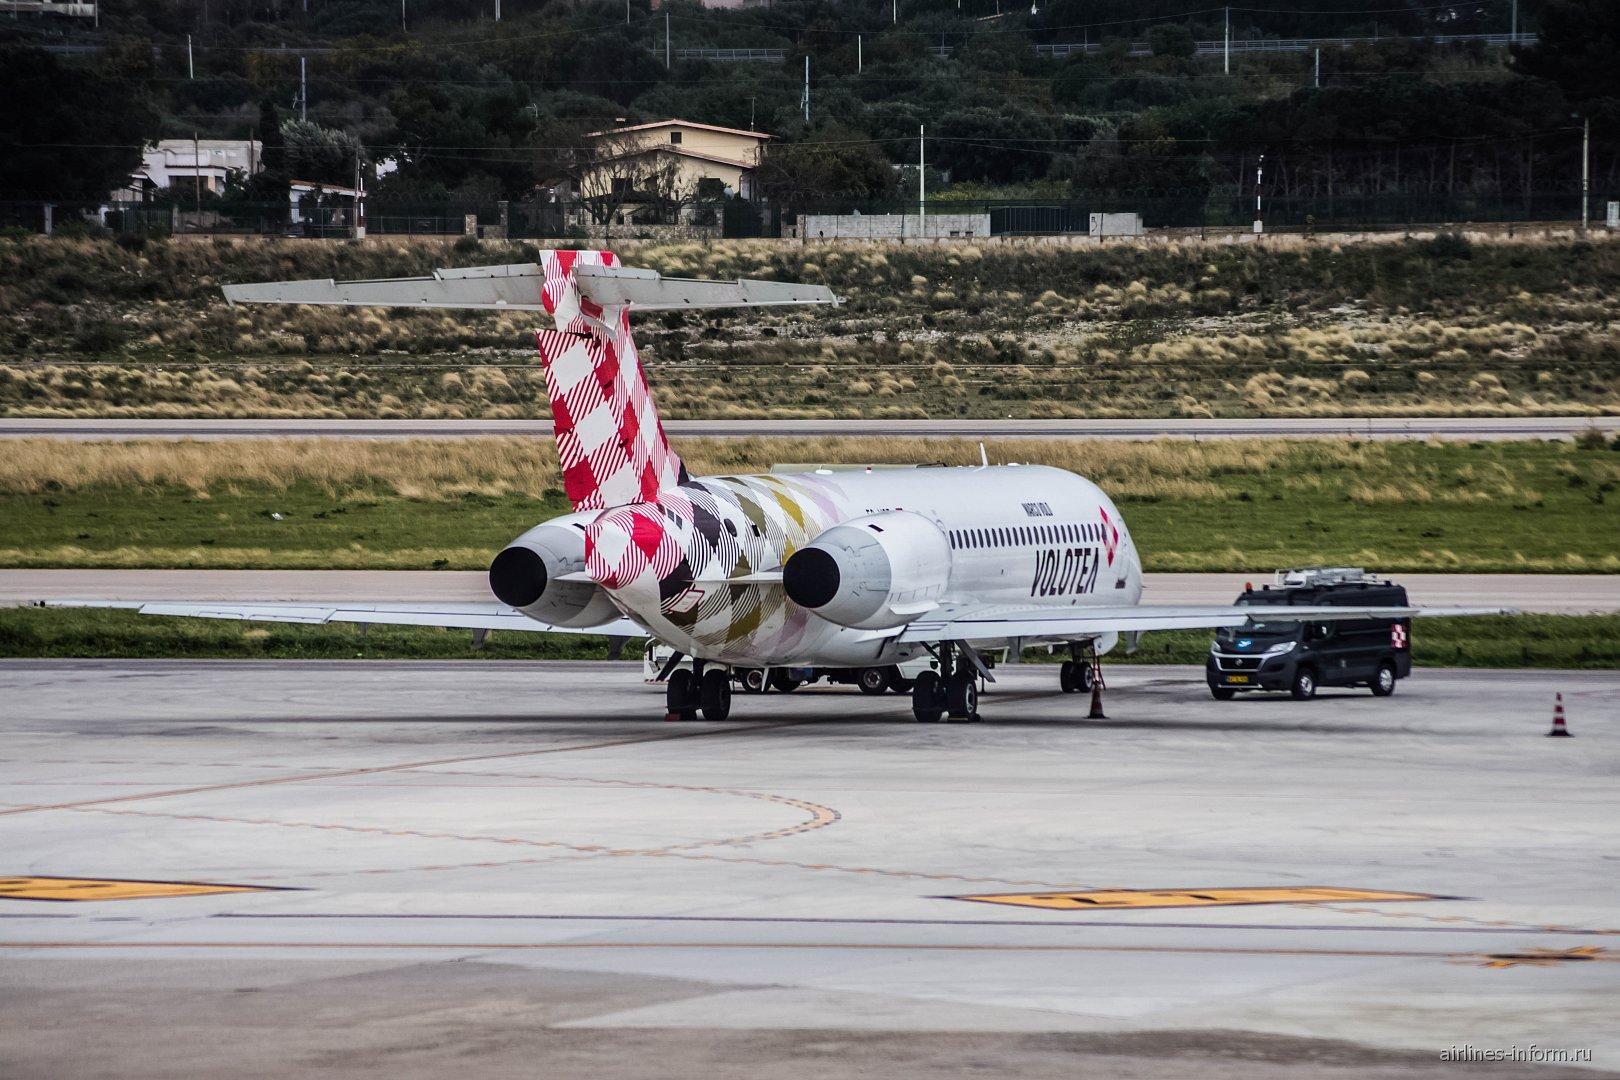 Боинг-717 авиакомпании Volotea в аэропорту Палермо